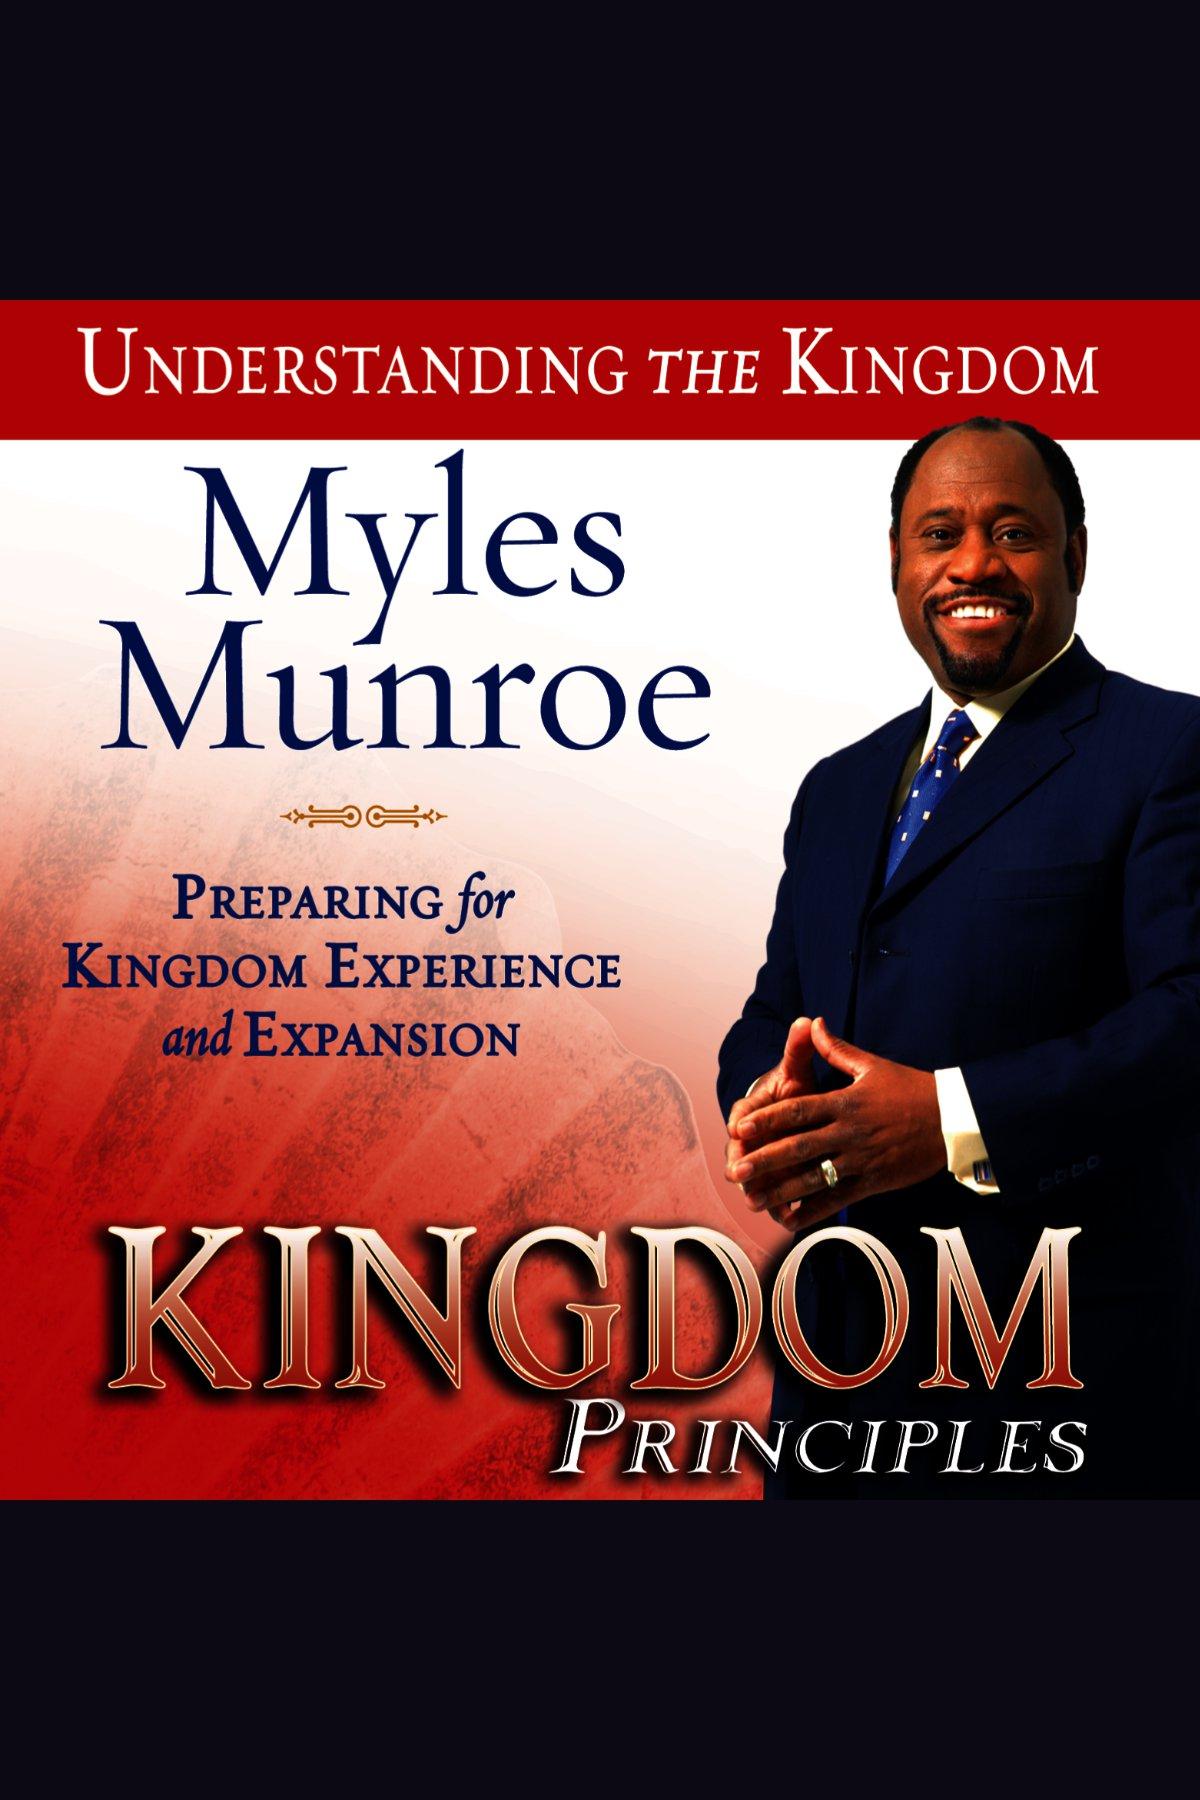 Kingdom Principles Preparing for Kingdom Experience and Expansion: Kingdom